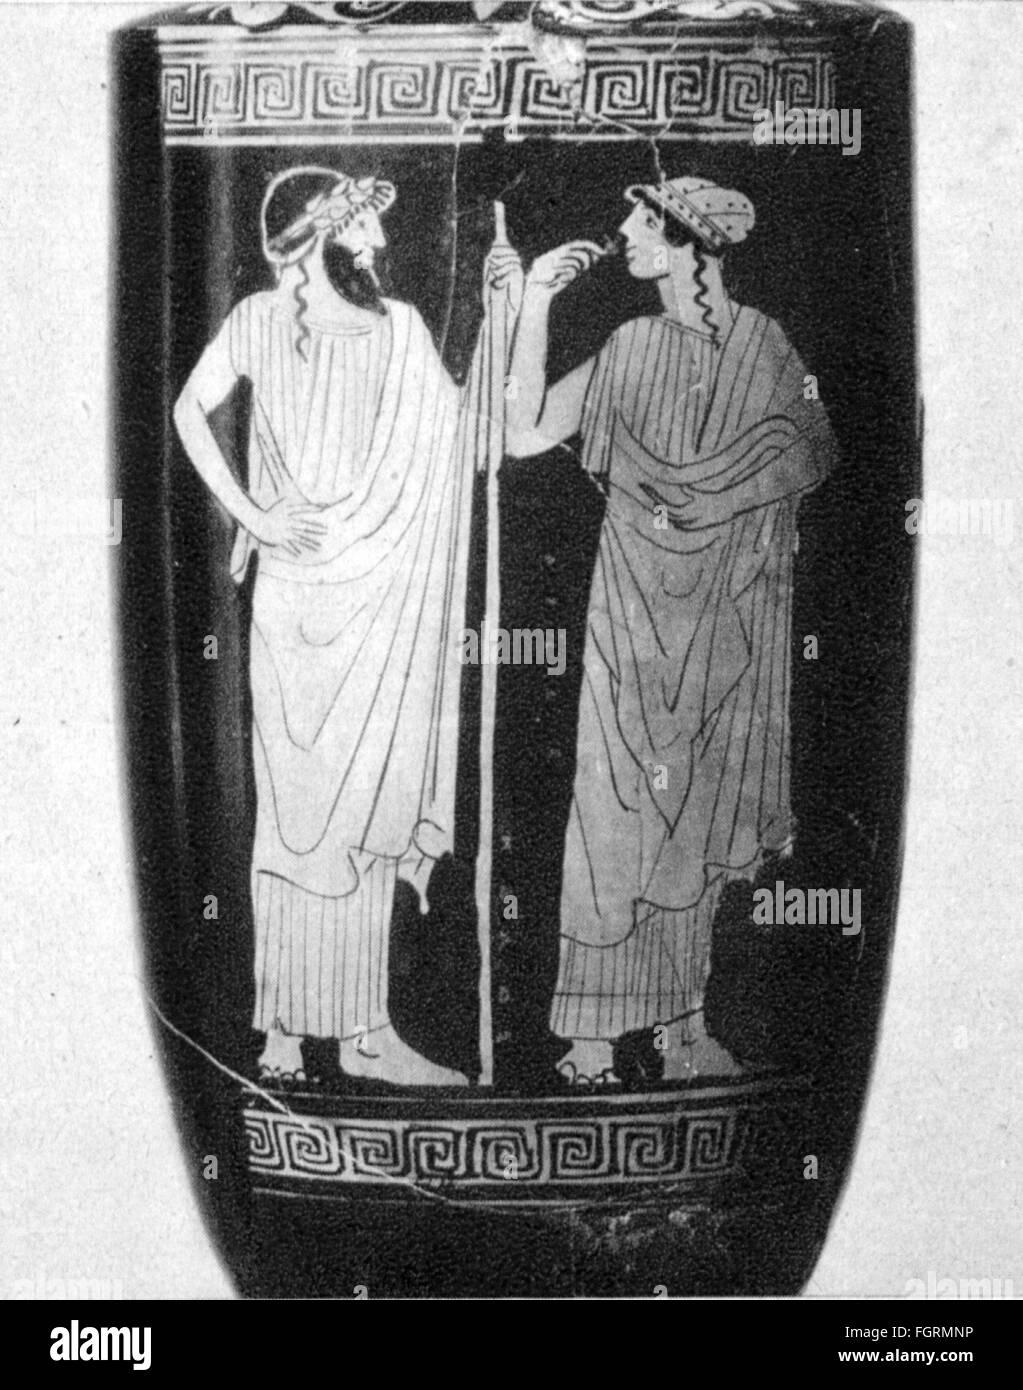 La moda, el mundo antiguo, Grecia, ropa de hombre y de mujer, vase la pintura, Museo de Historia del Arte, Viena, Imagen De Stock